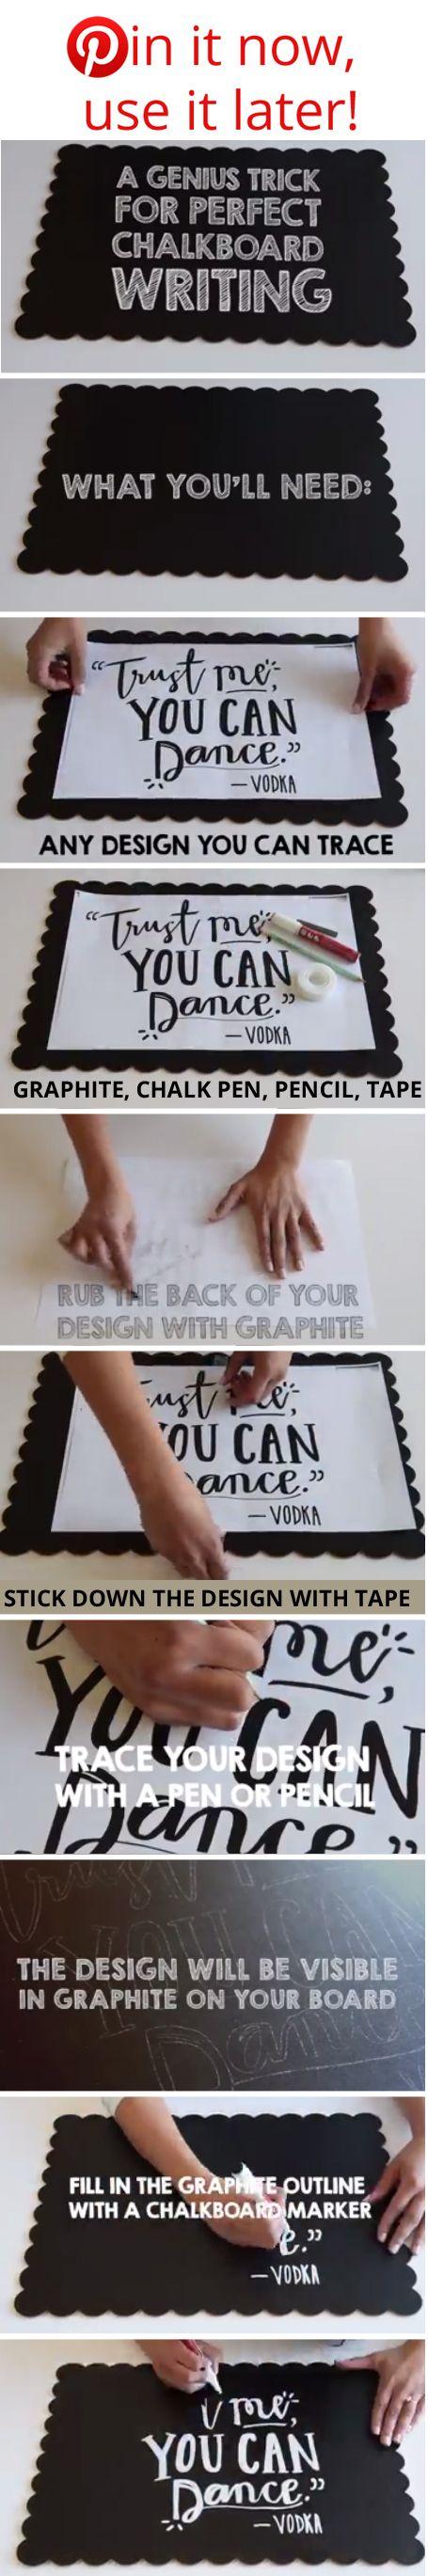 pinterest-chalkboard